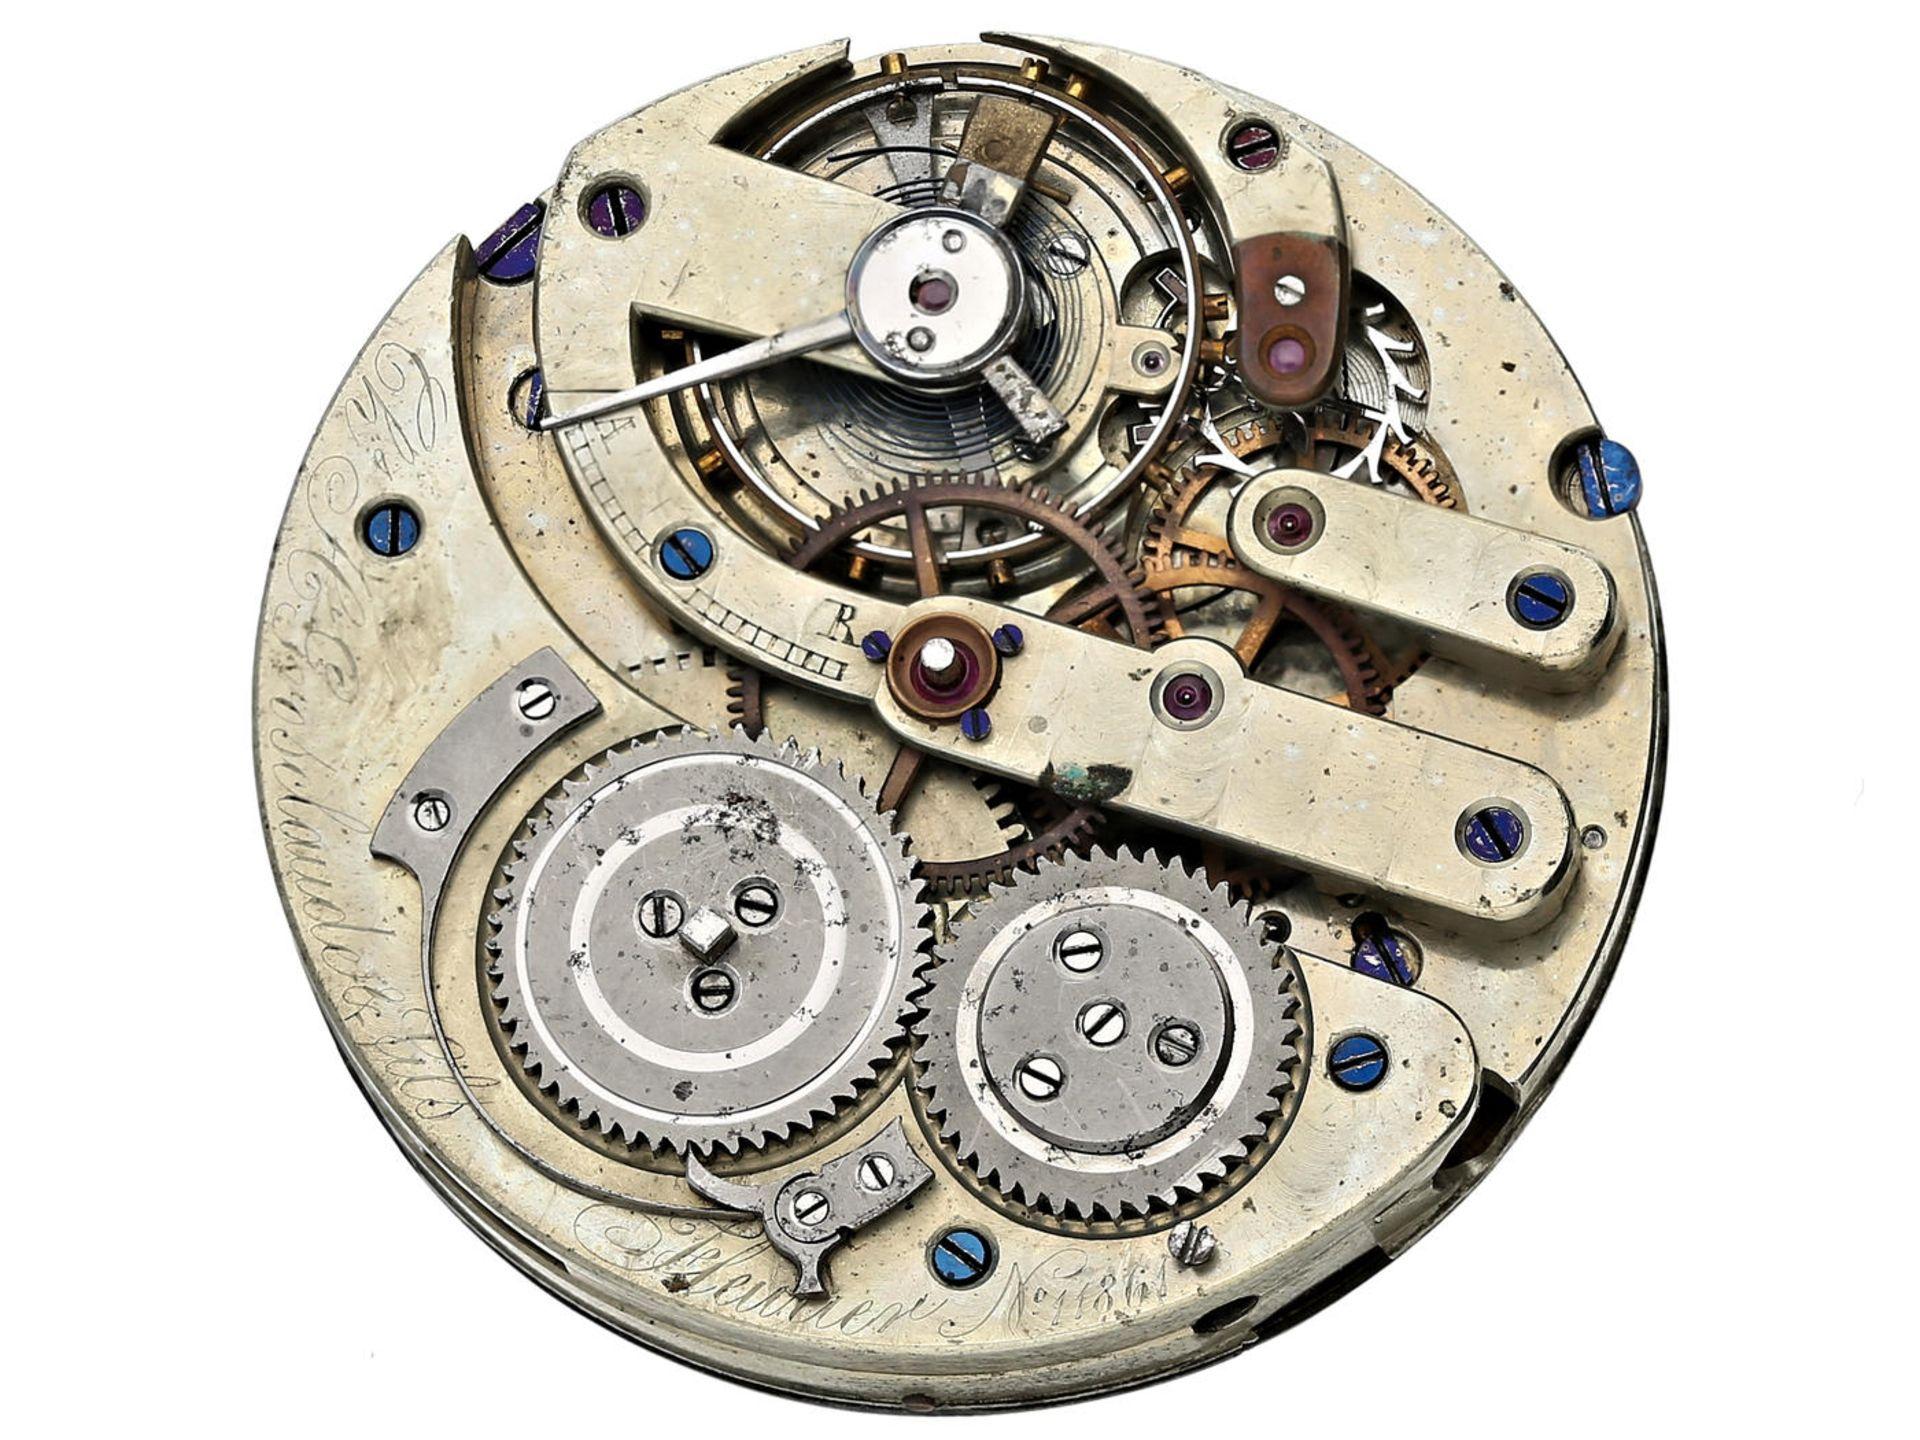 Los 6050 - Taschenuhr: hochwertiges Taschenuhrwerk, Ankerchronometer, Charles Henri Grosclaude & Fils, Fleurier